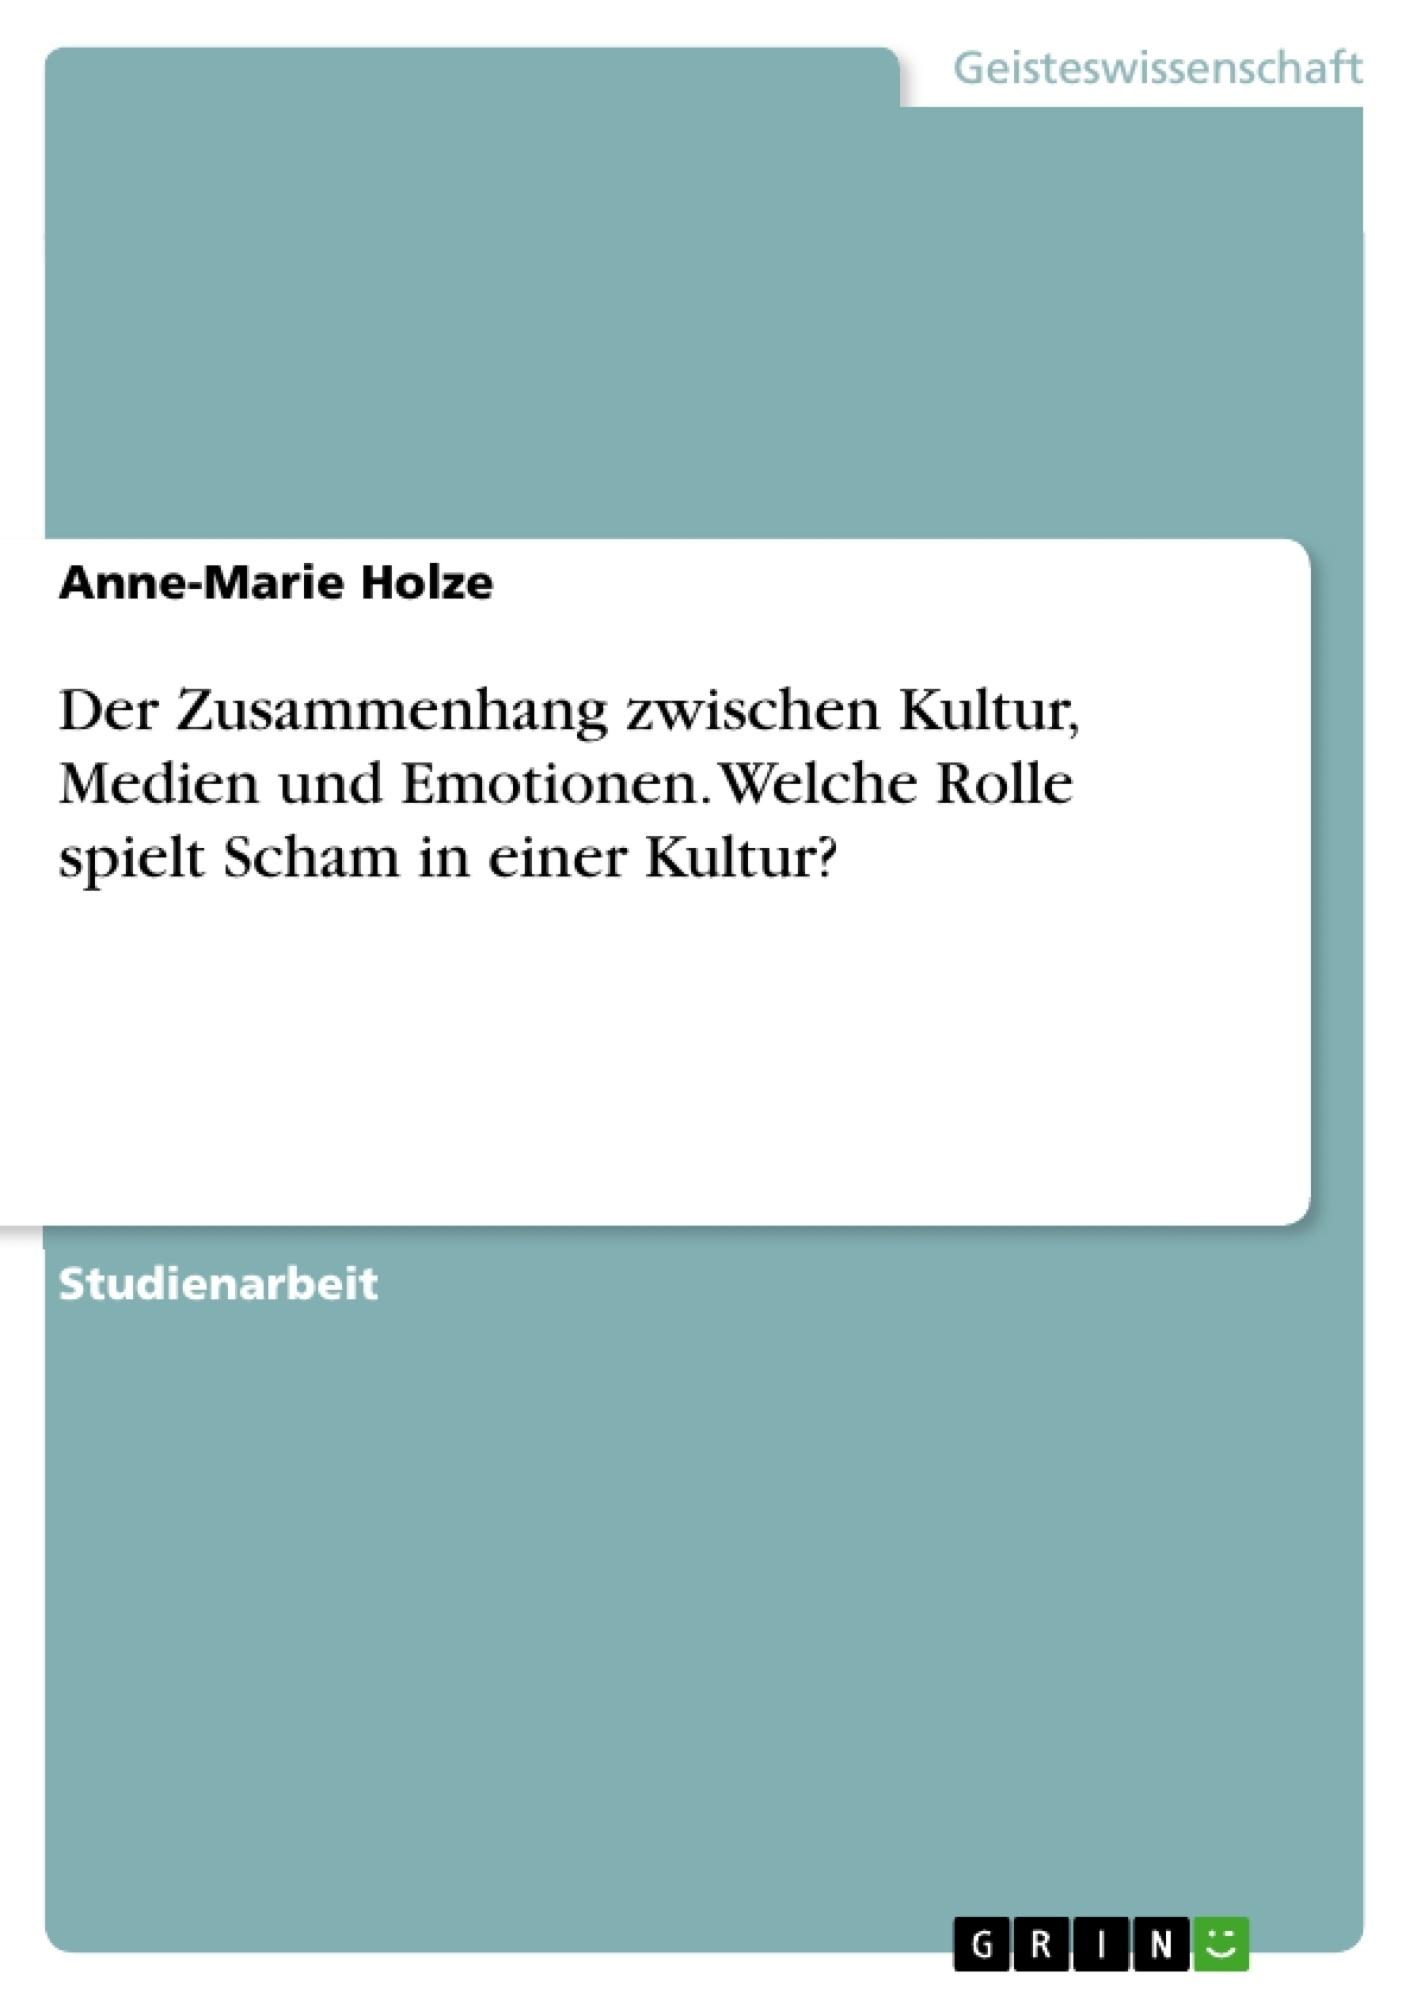 Titel: Der Zusammenhang zwischen Kultur, Medien und Emotionen. Welche Rolle spielt Scham in einer Kultur?